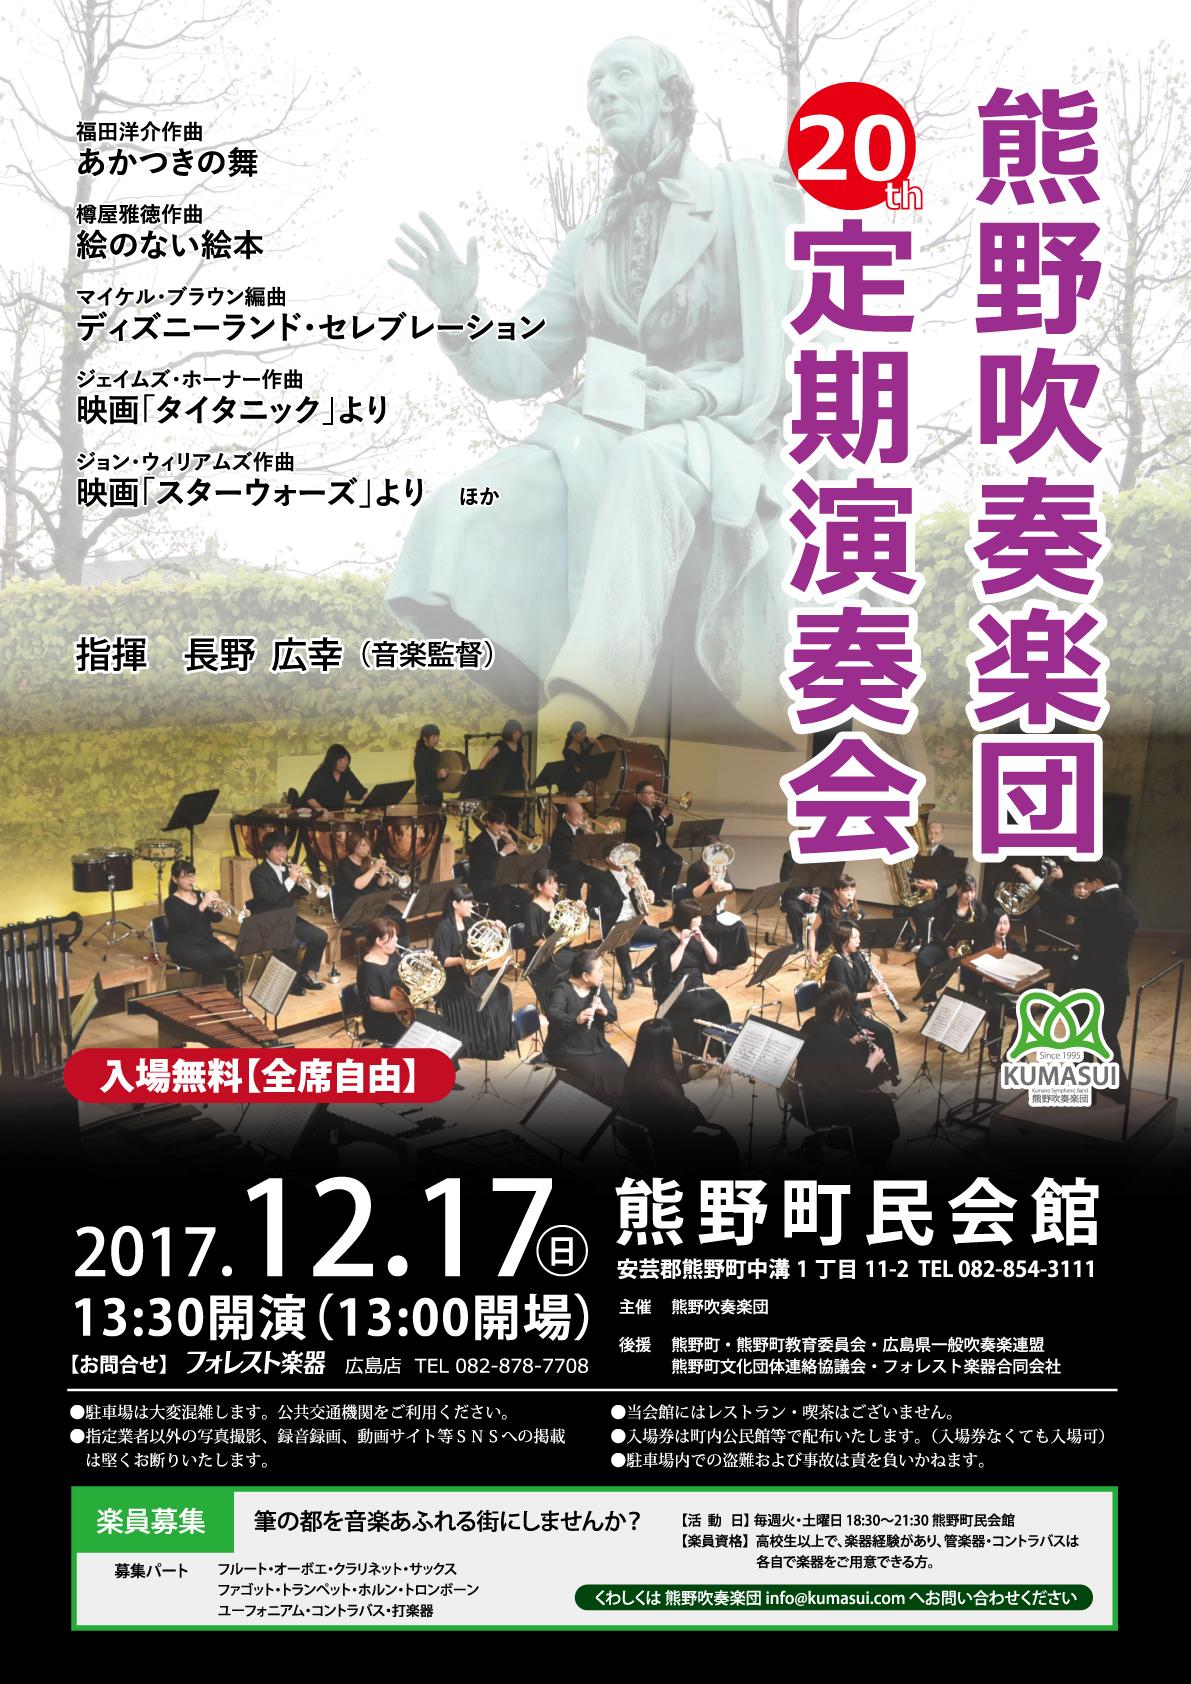 熊野吹奏楽団 定期演奏会 広島県 熊野町